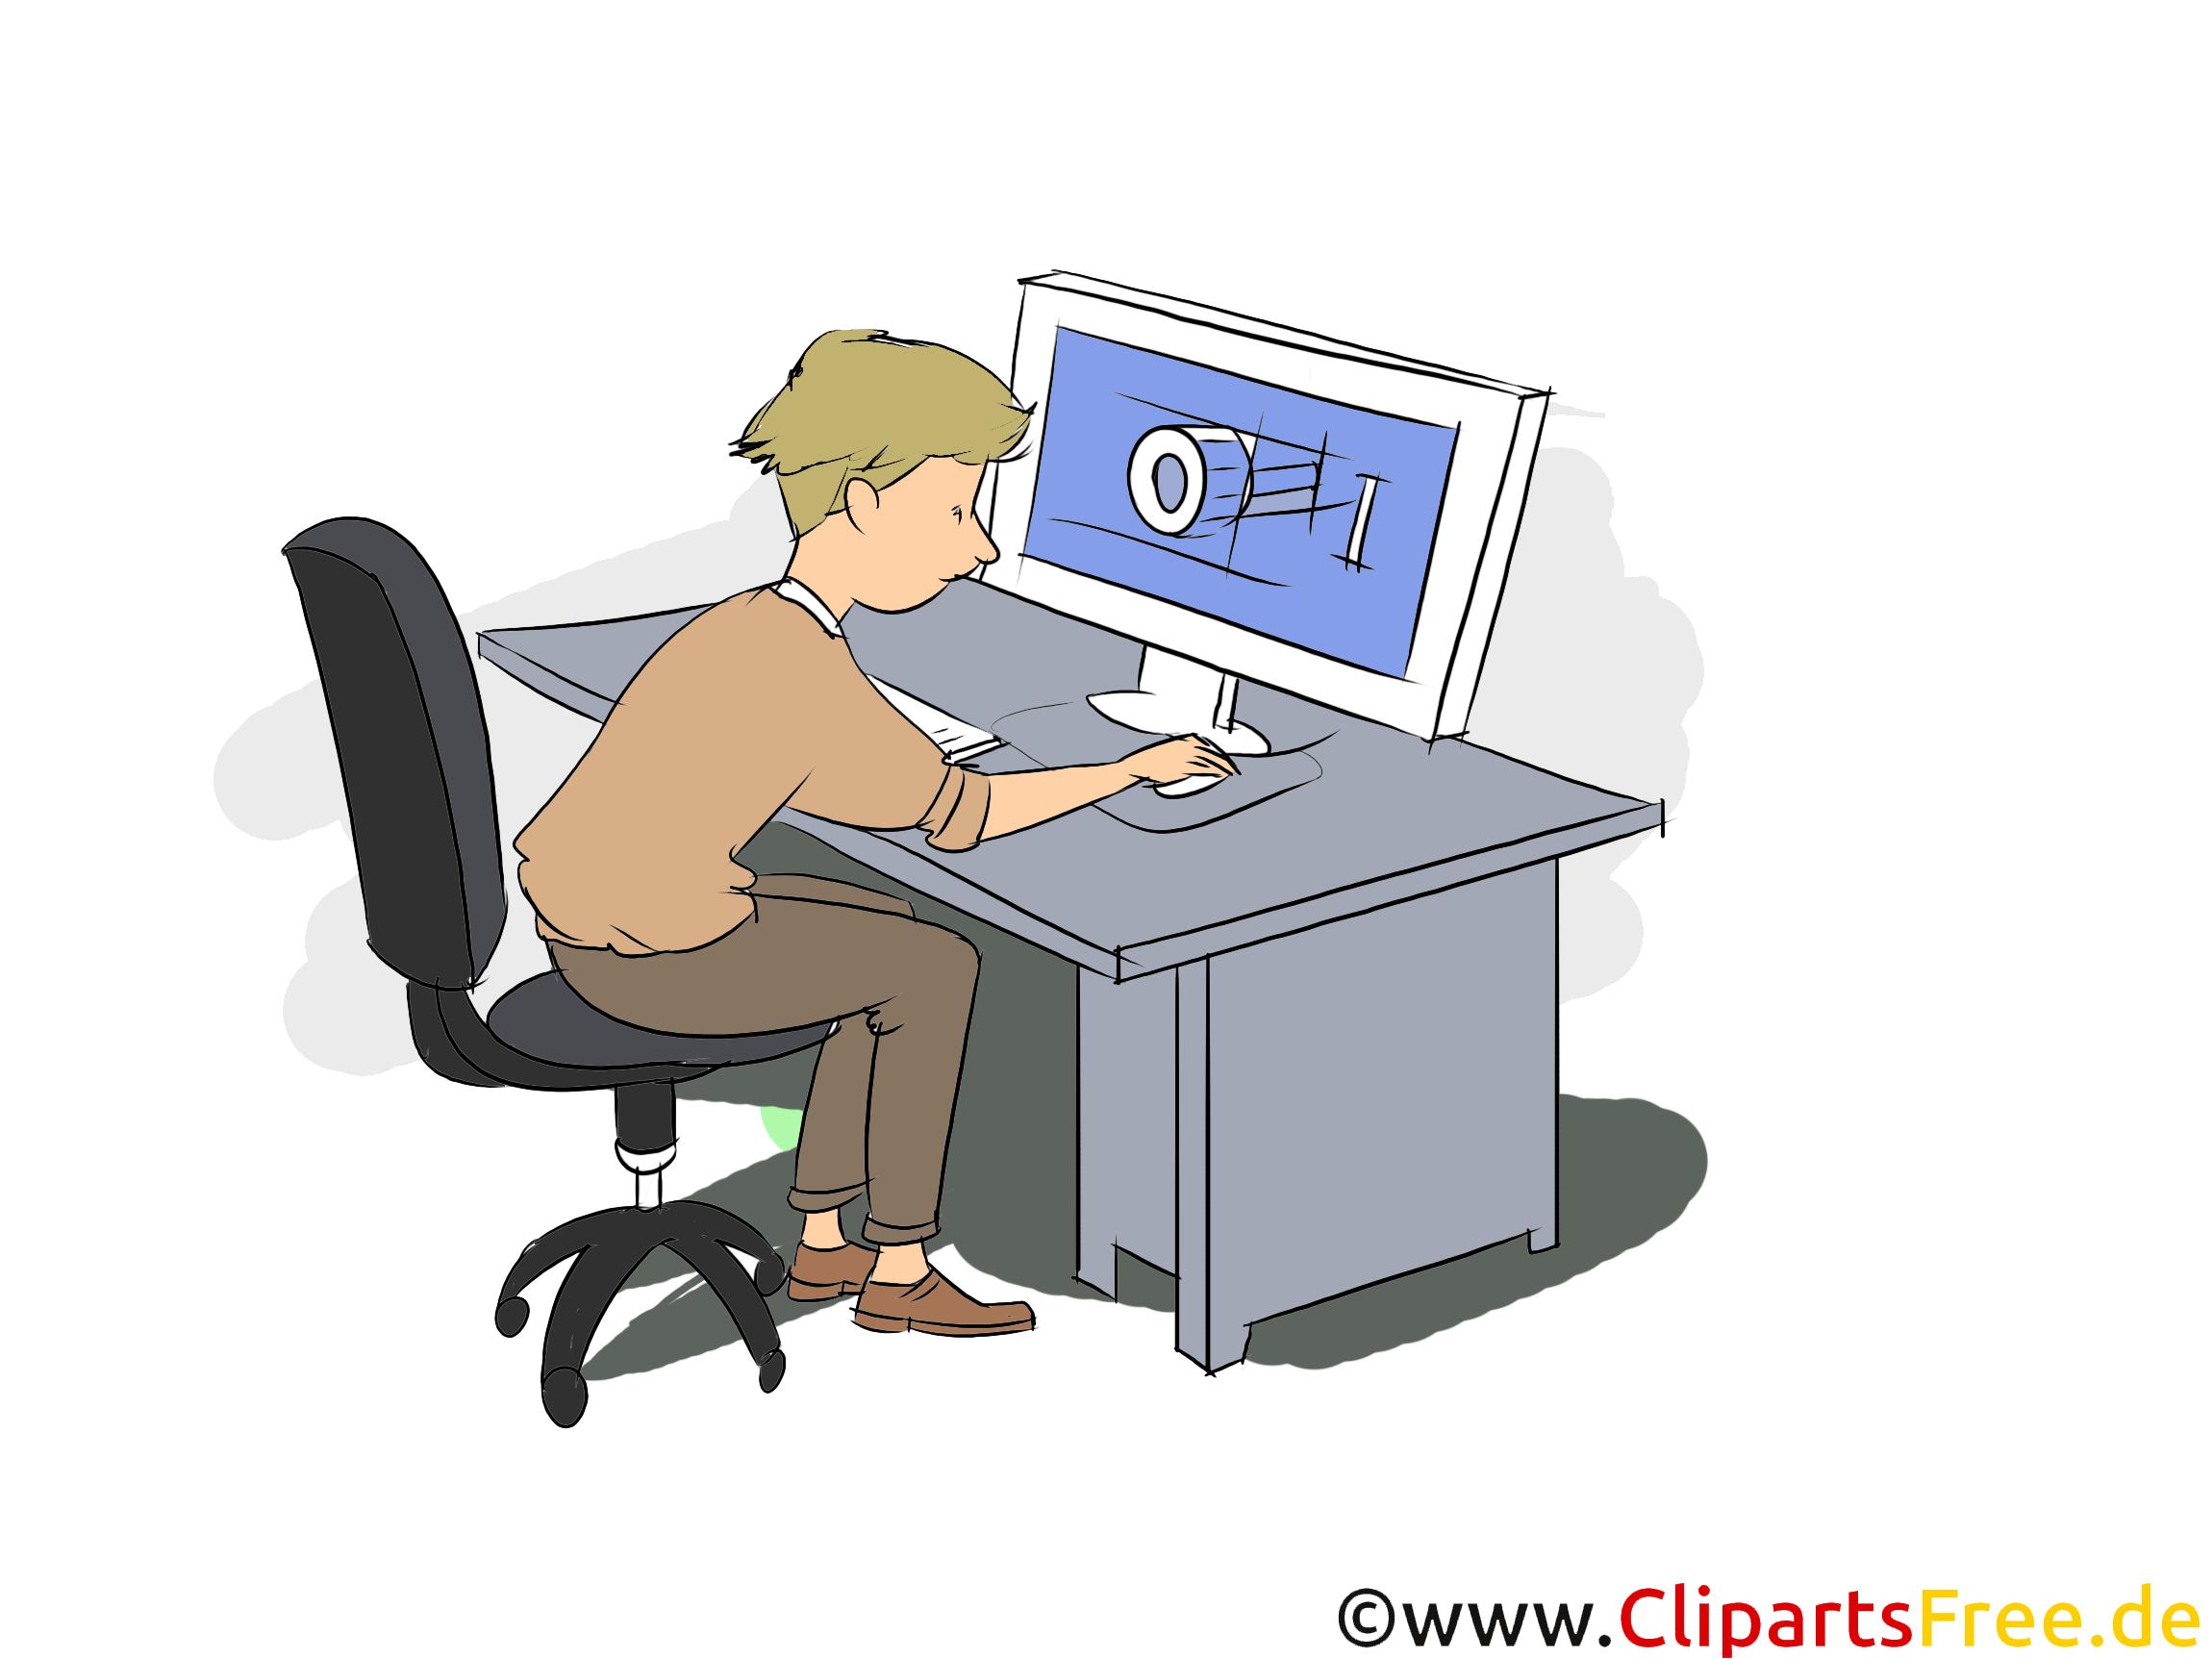 Technische Produktdesigner Clipart, Bild, Grafik zum Thema Ausbildungsberufe